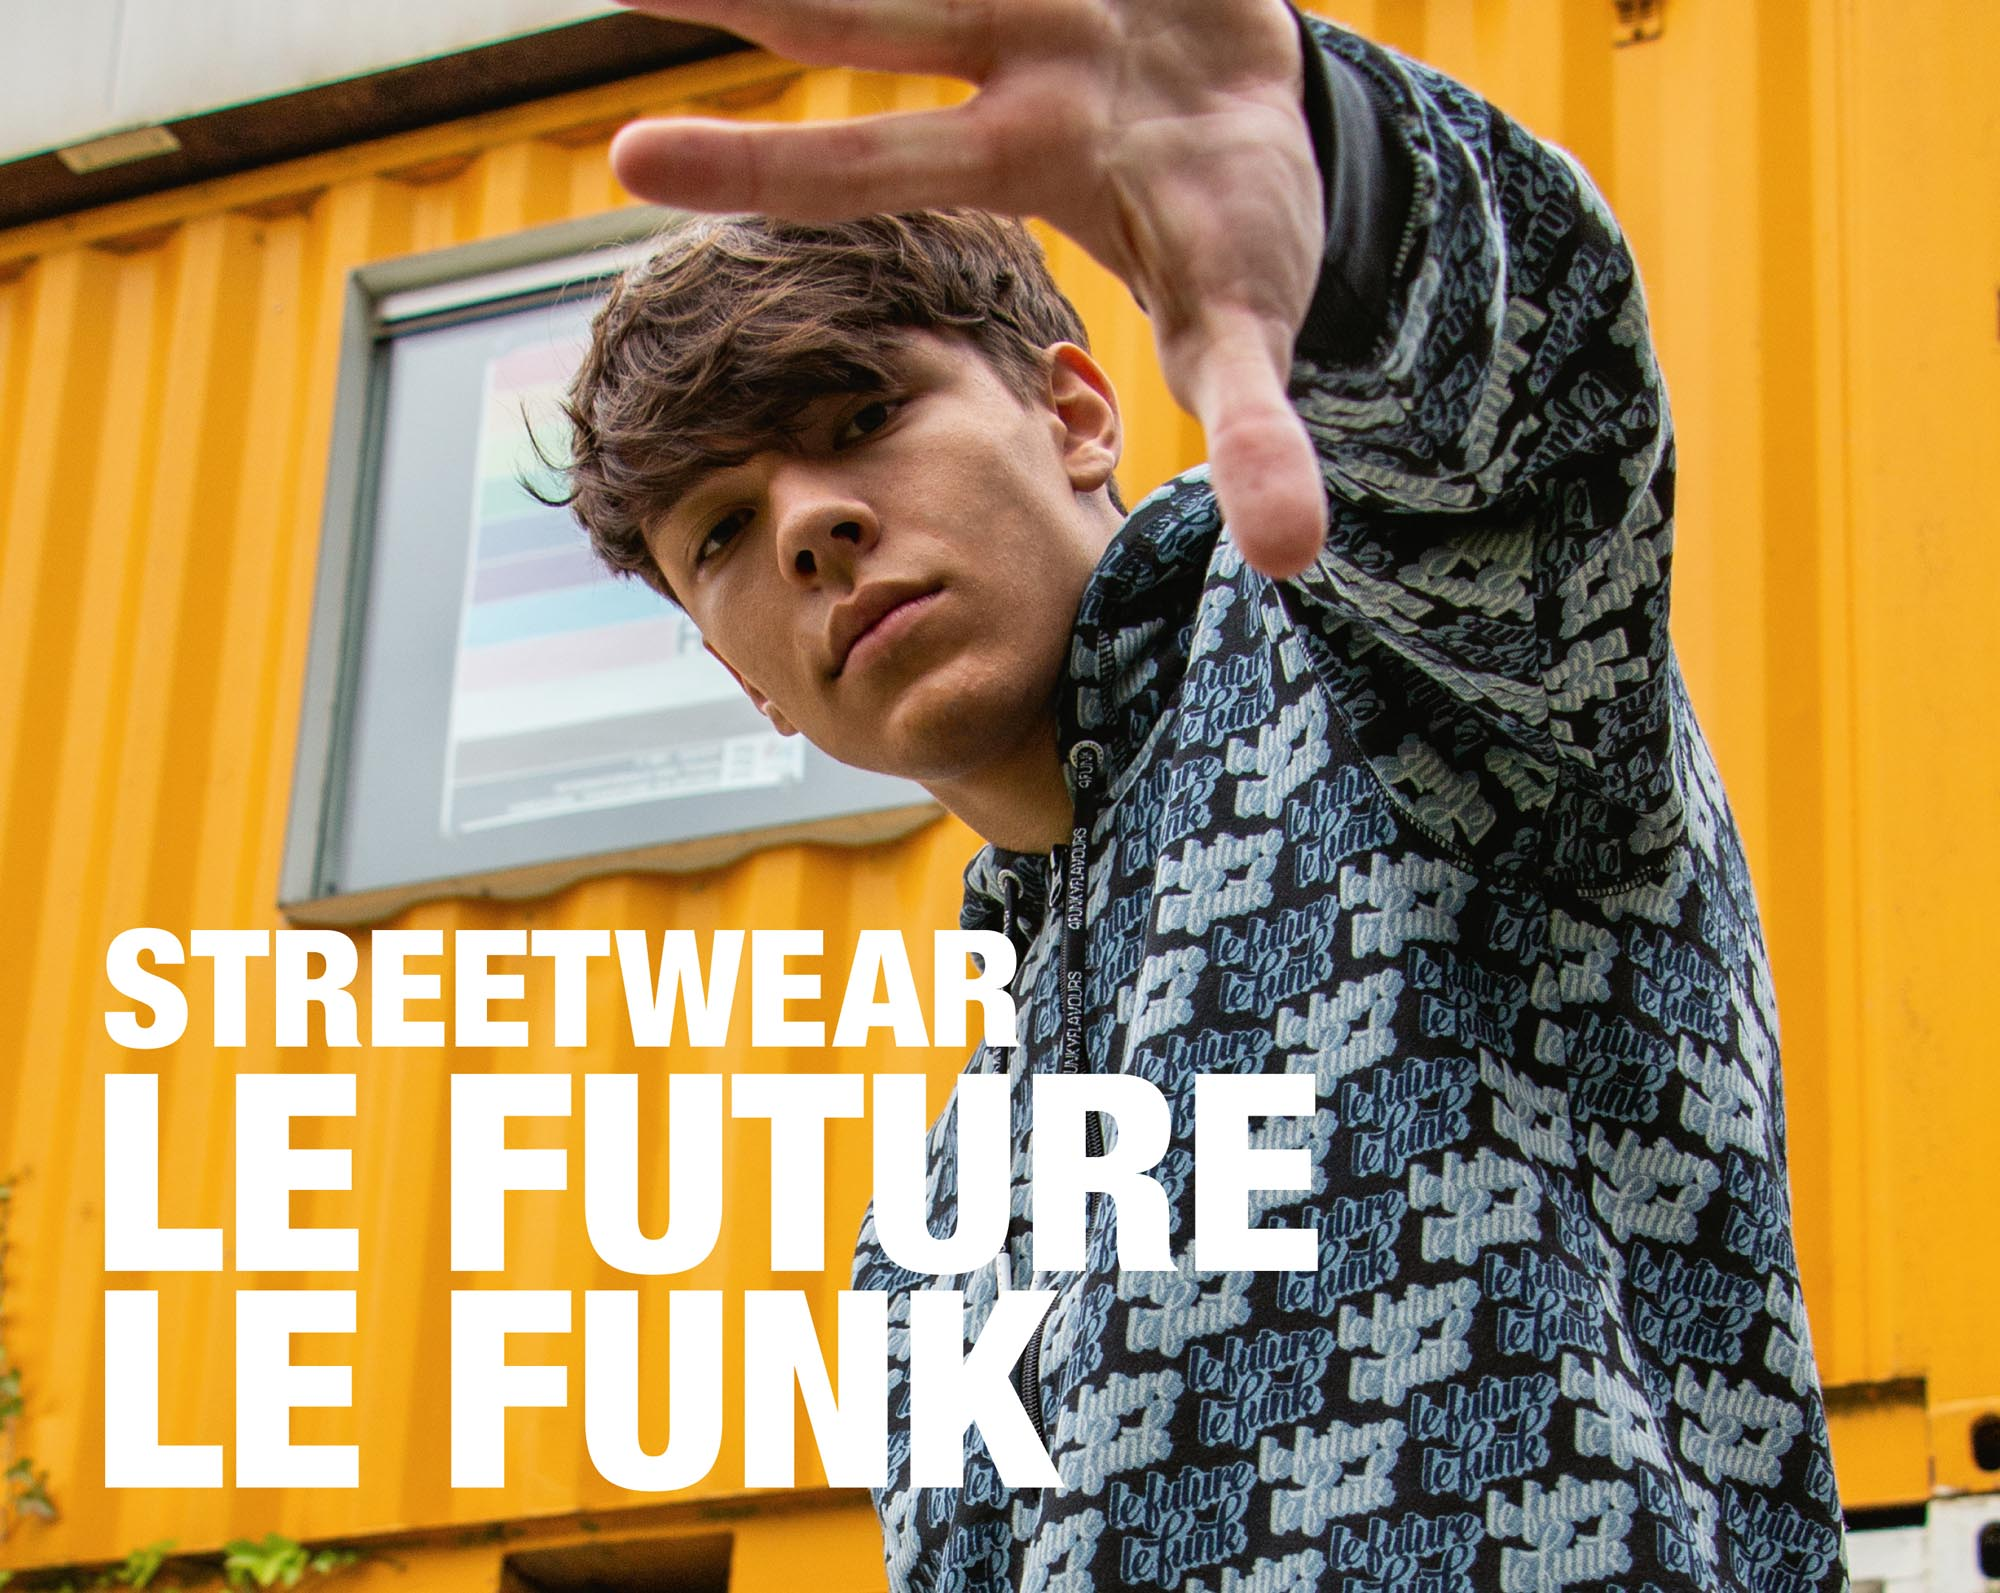 Le Future Le Funk (streetwear) capsule collection